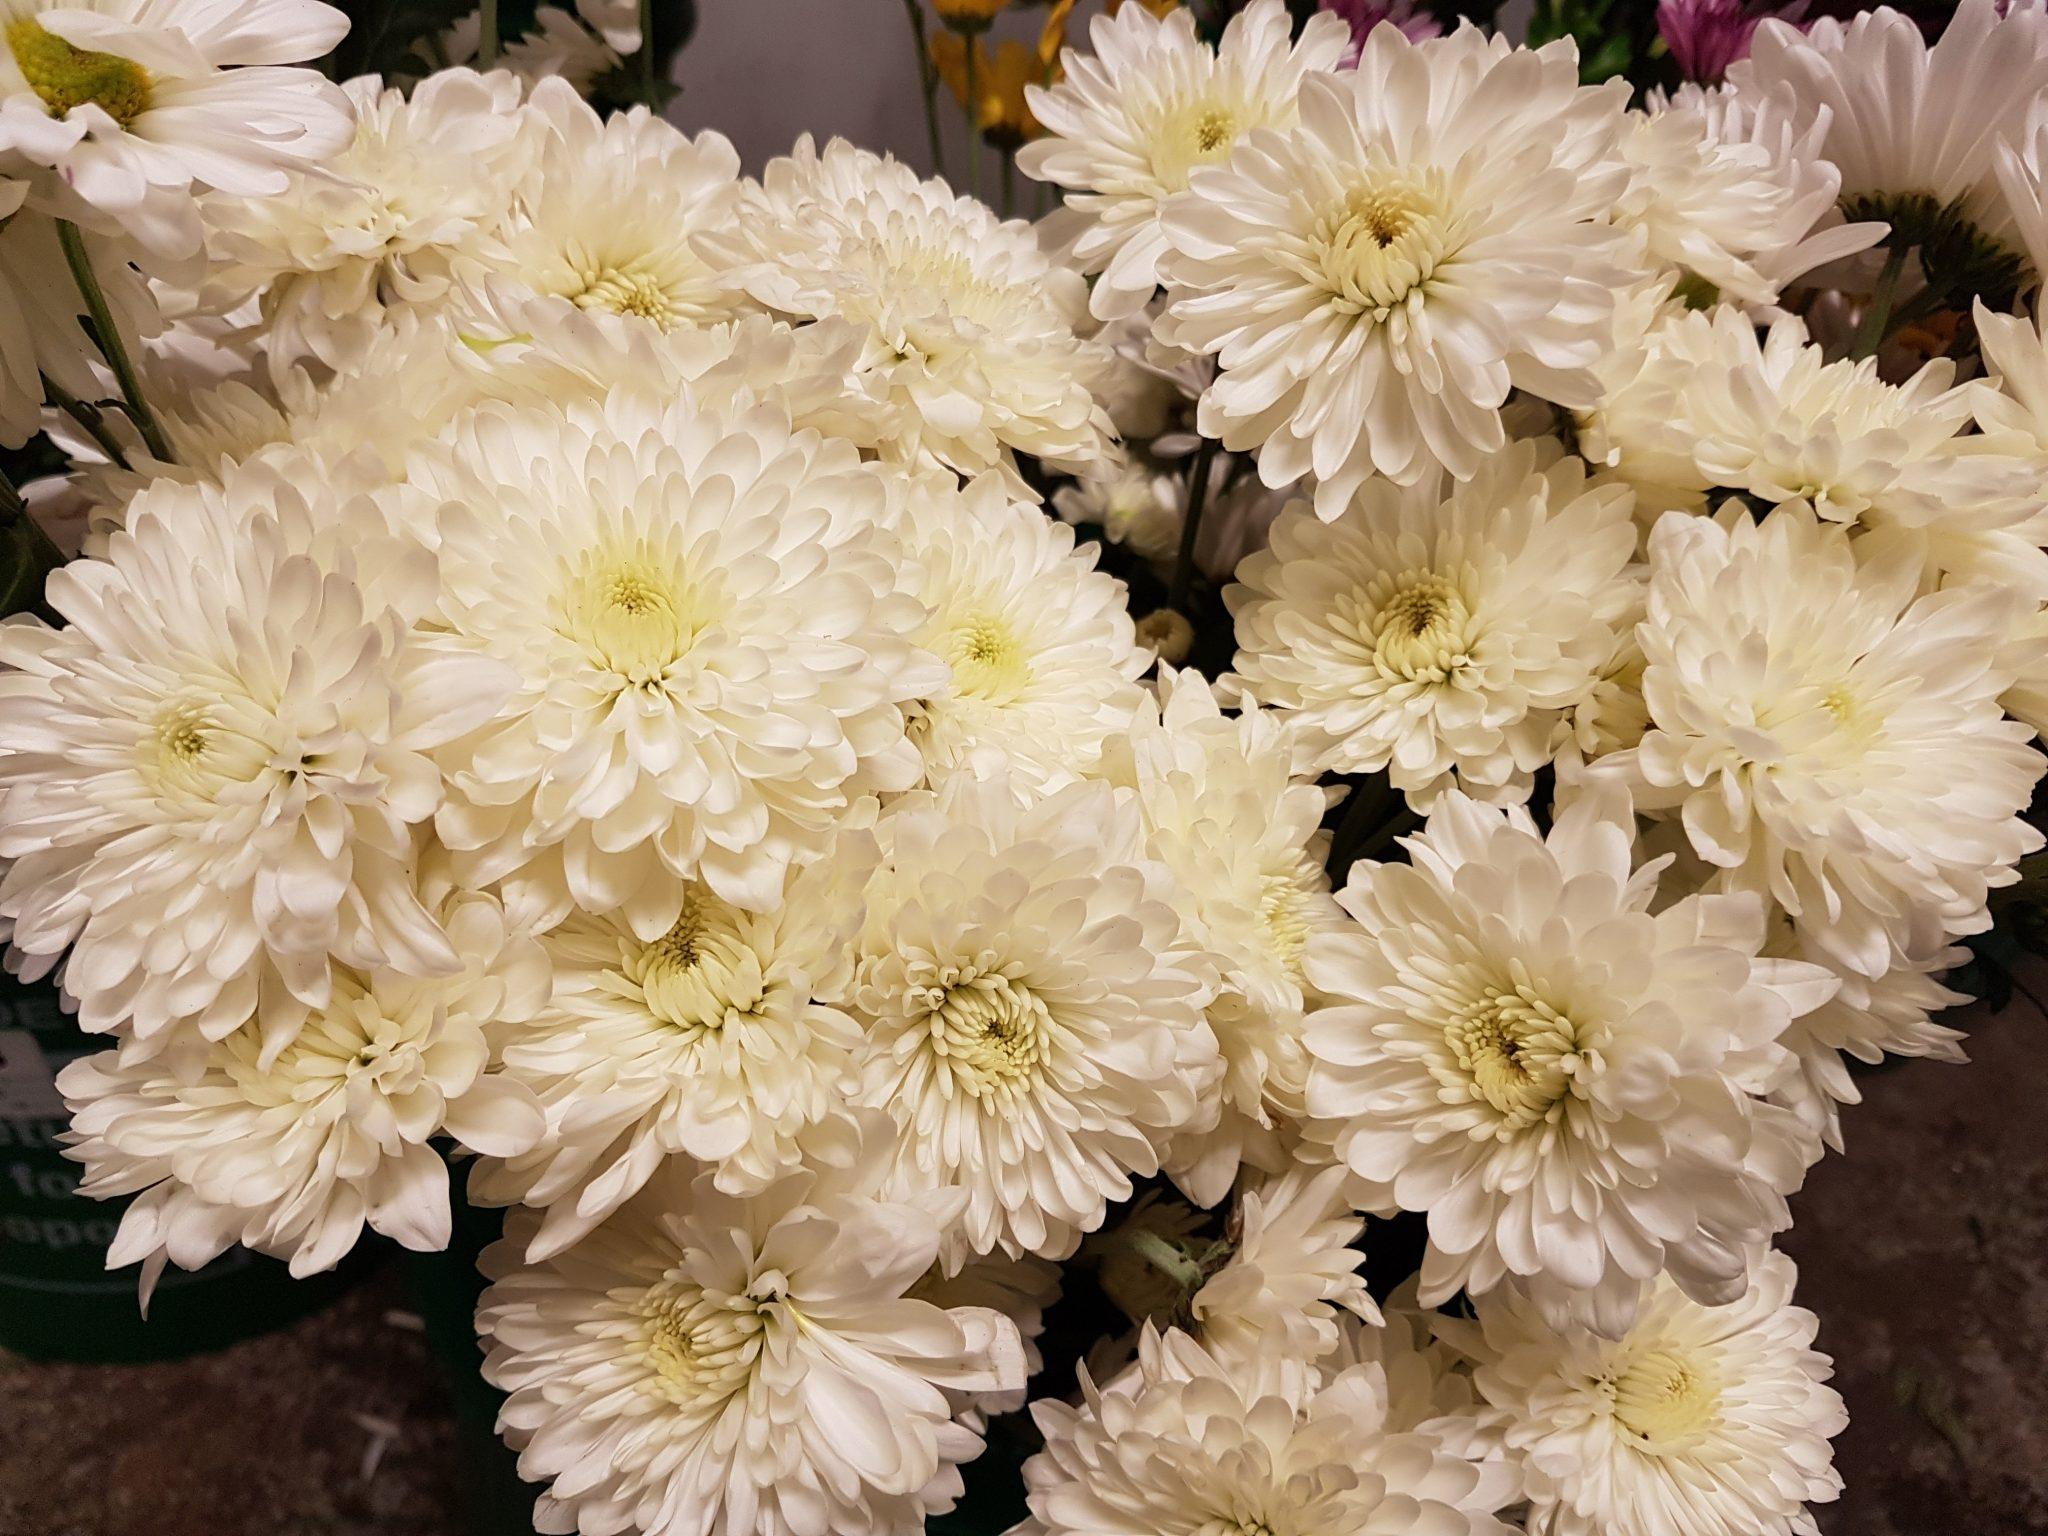 Bulk flowers chrysanthemum spray cushion white 3 bunches toronto bulk flowers chrysanthemum spray cushion white mightylinksfo